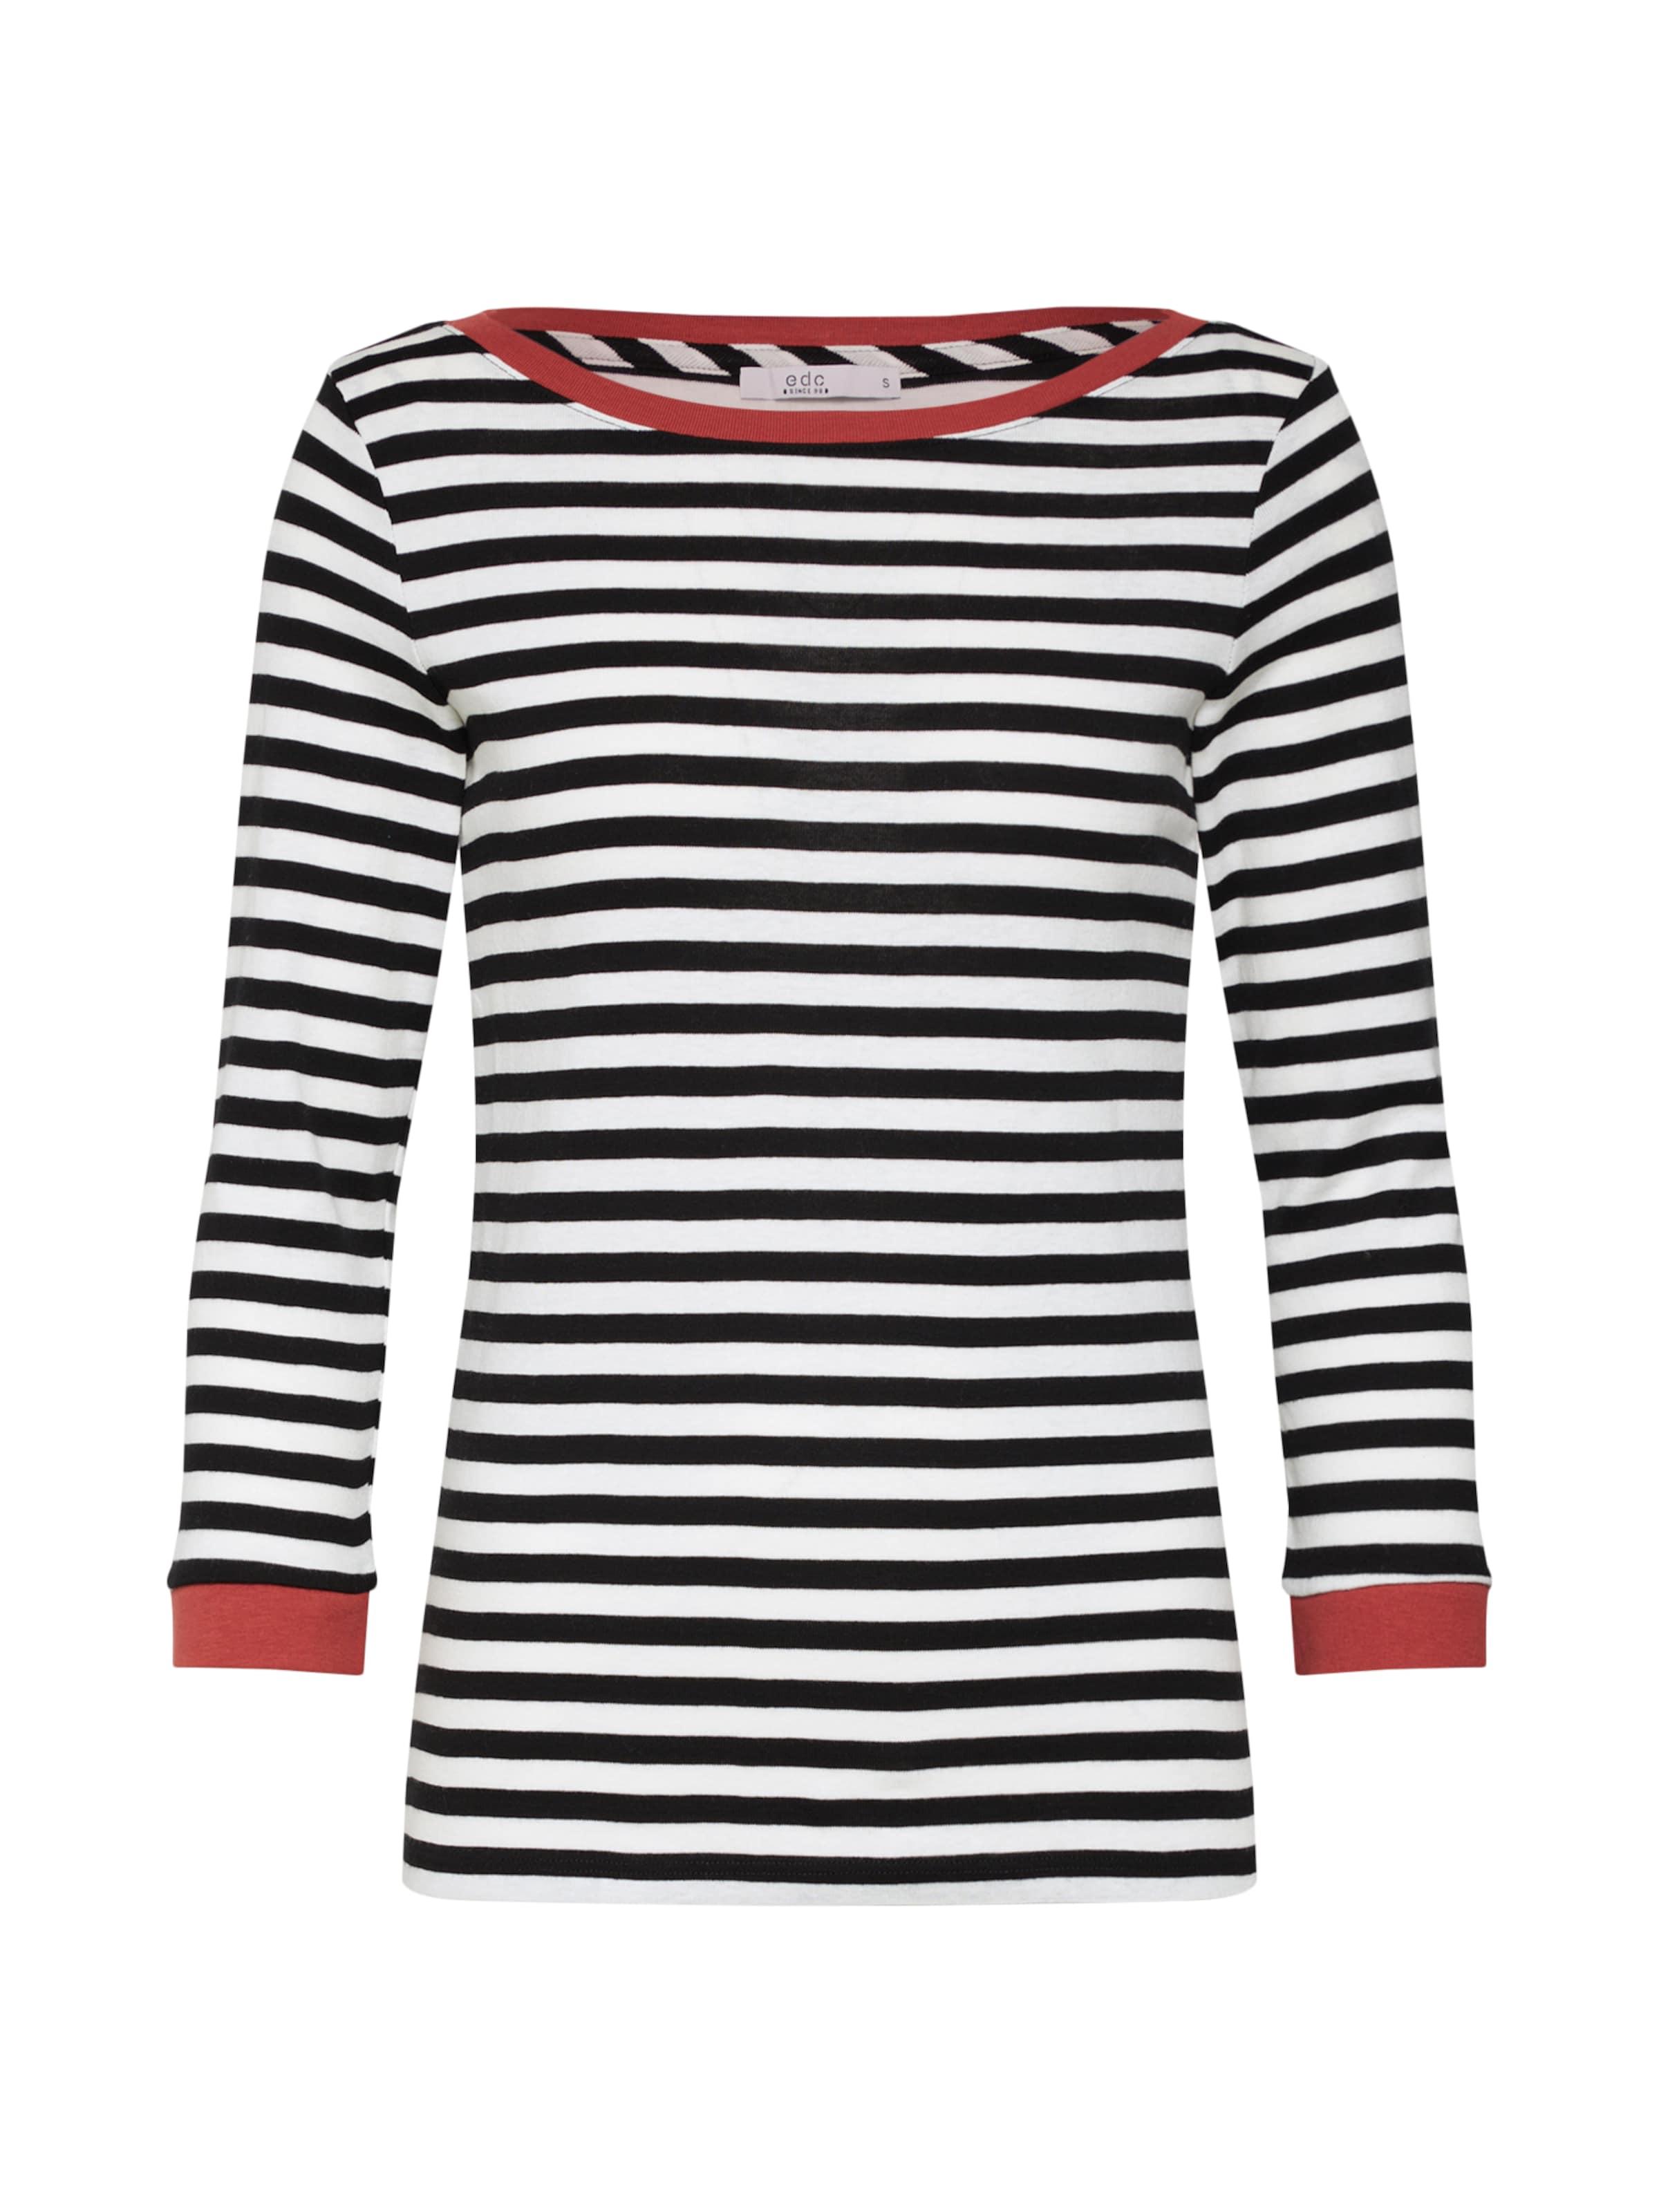 T shirt By Esprit Edc En NoirBlanc uKcFJl3T15